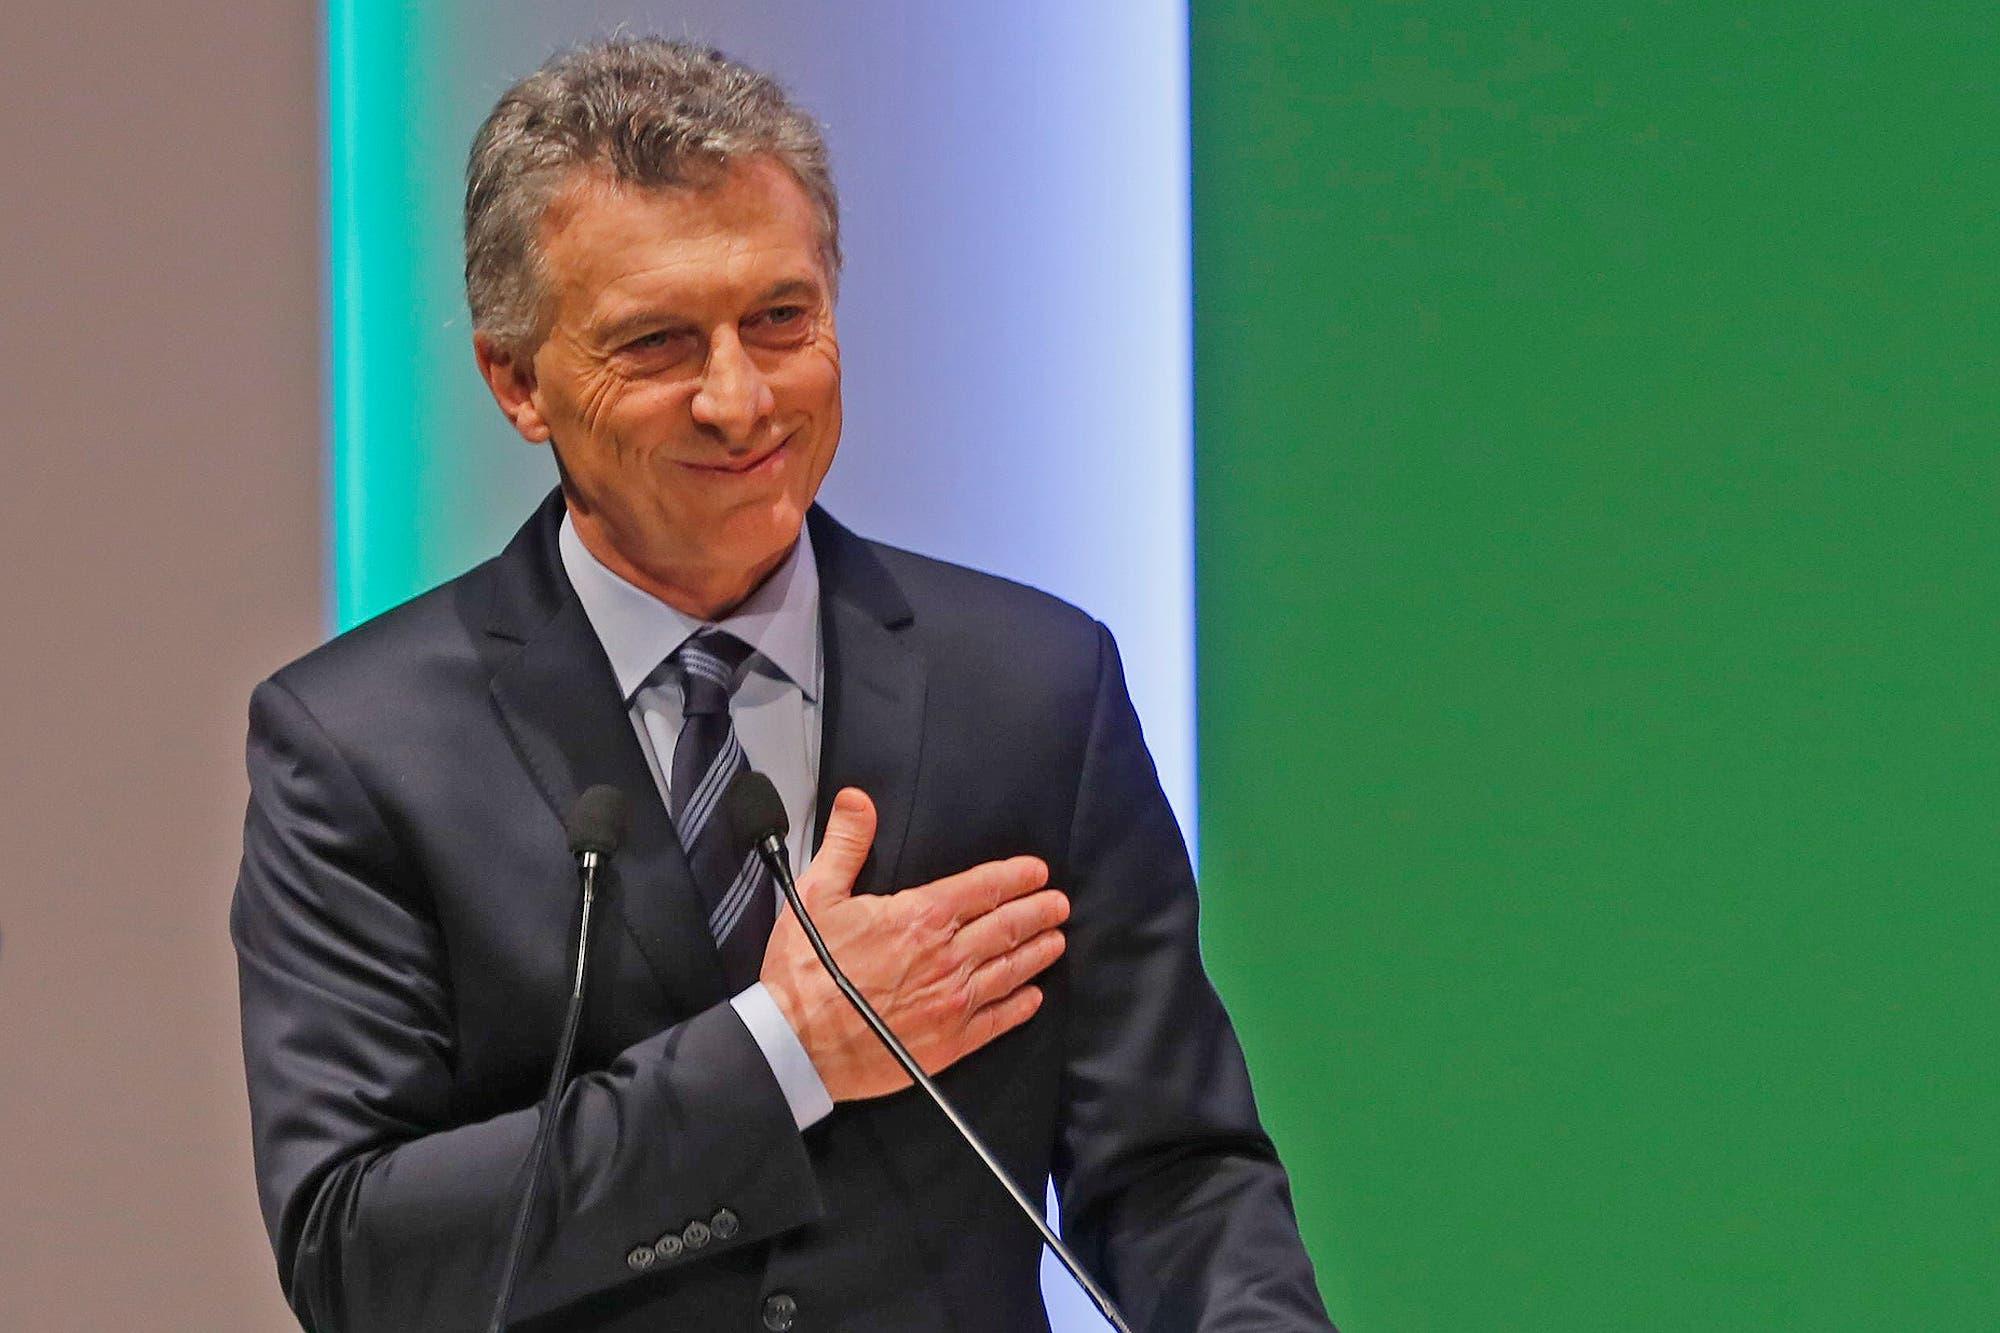 Los líderes de Pro en el espejo: matices y similitudes entre Macri, Vidal y Larreta en la gestión